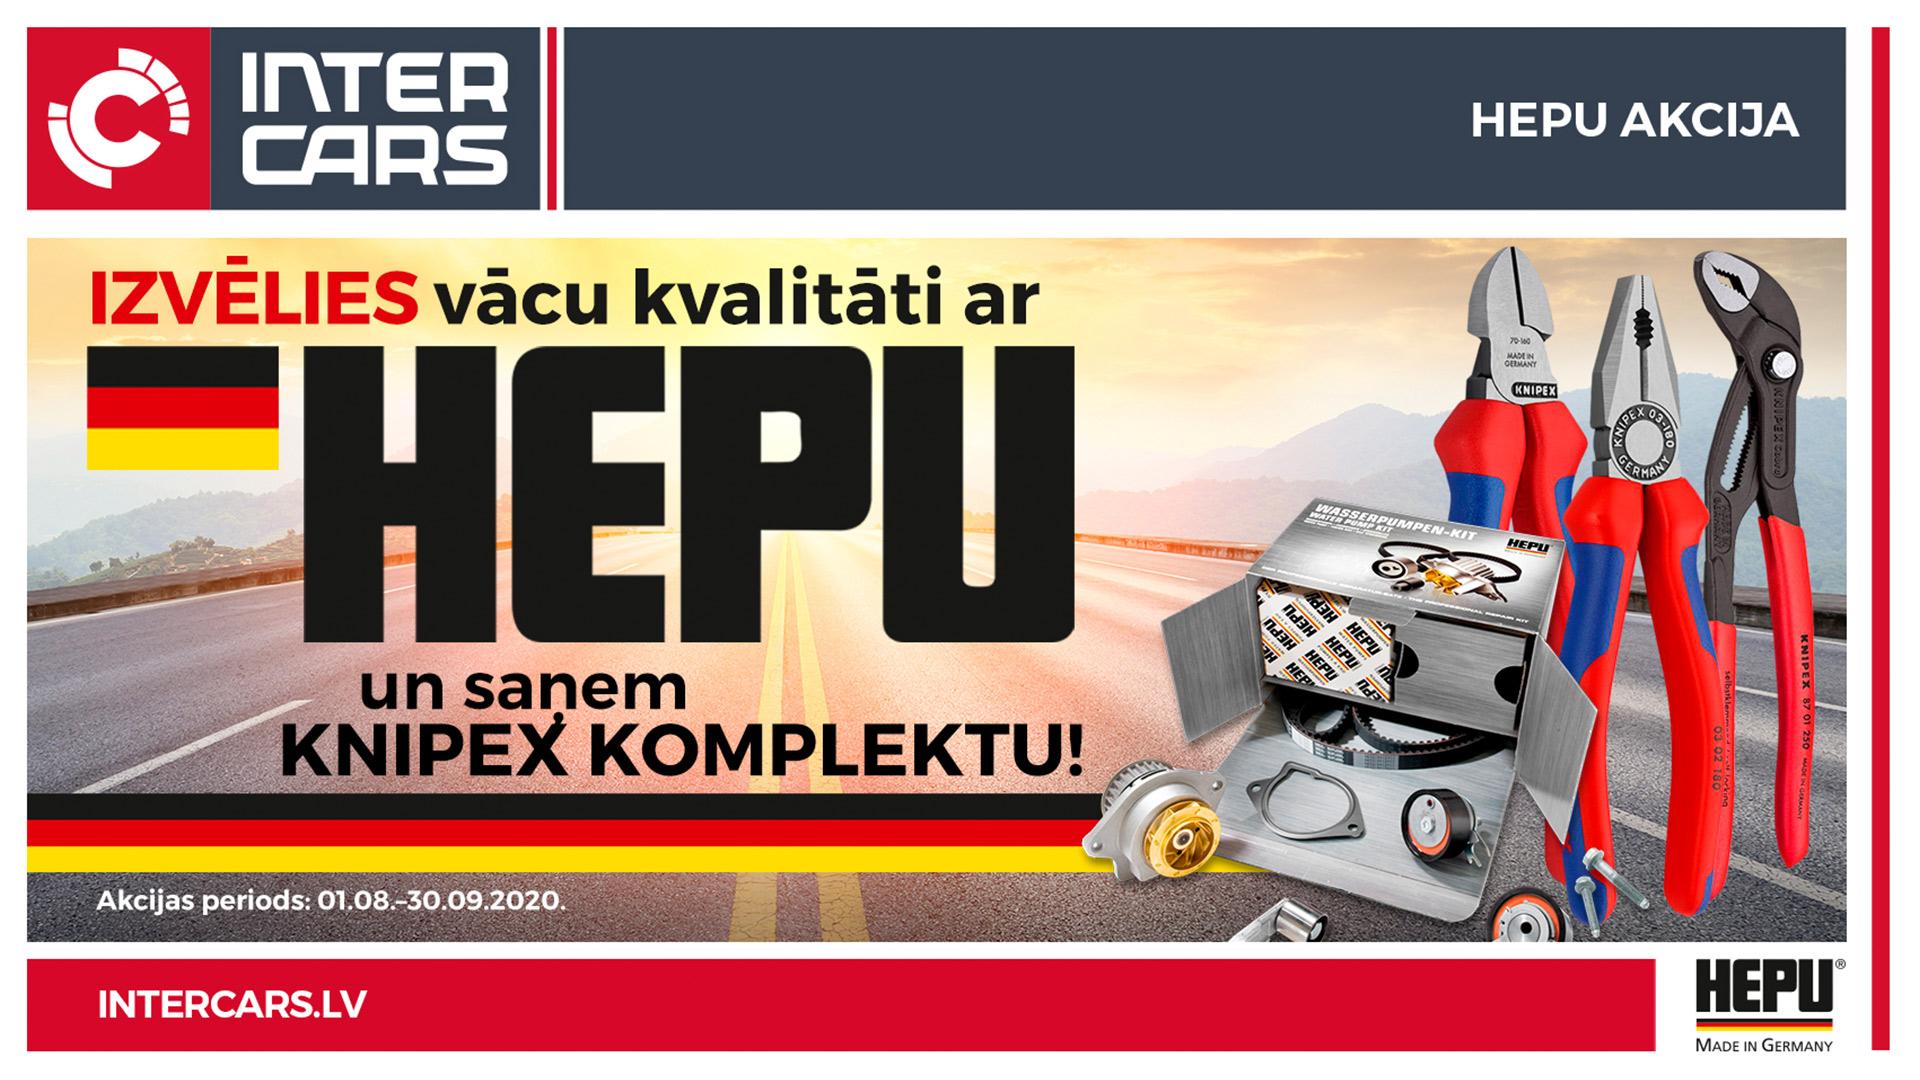 HEPU-akcija-aug2020-CRM-B.jpg